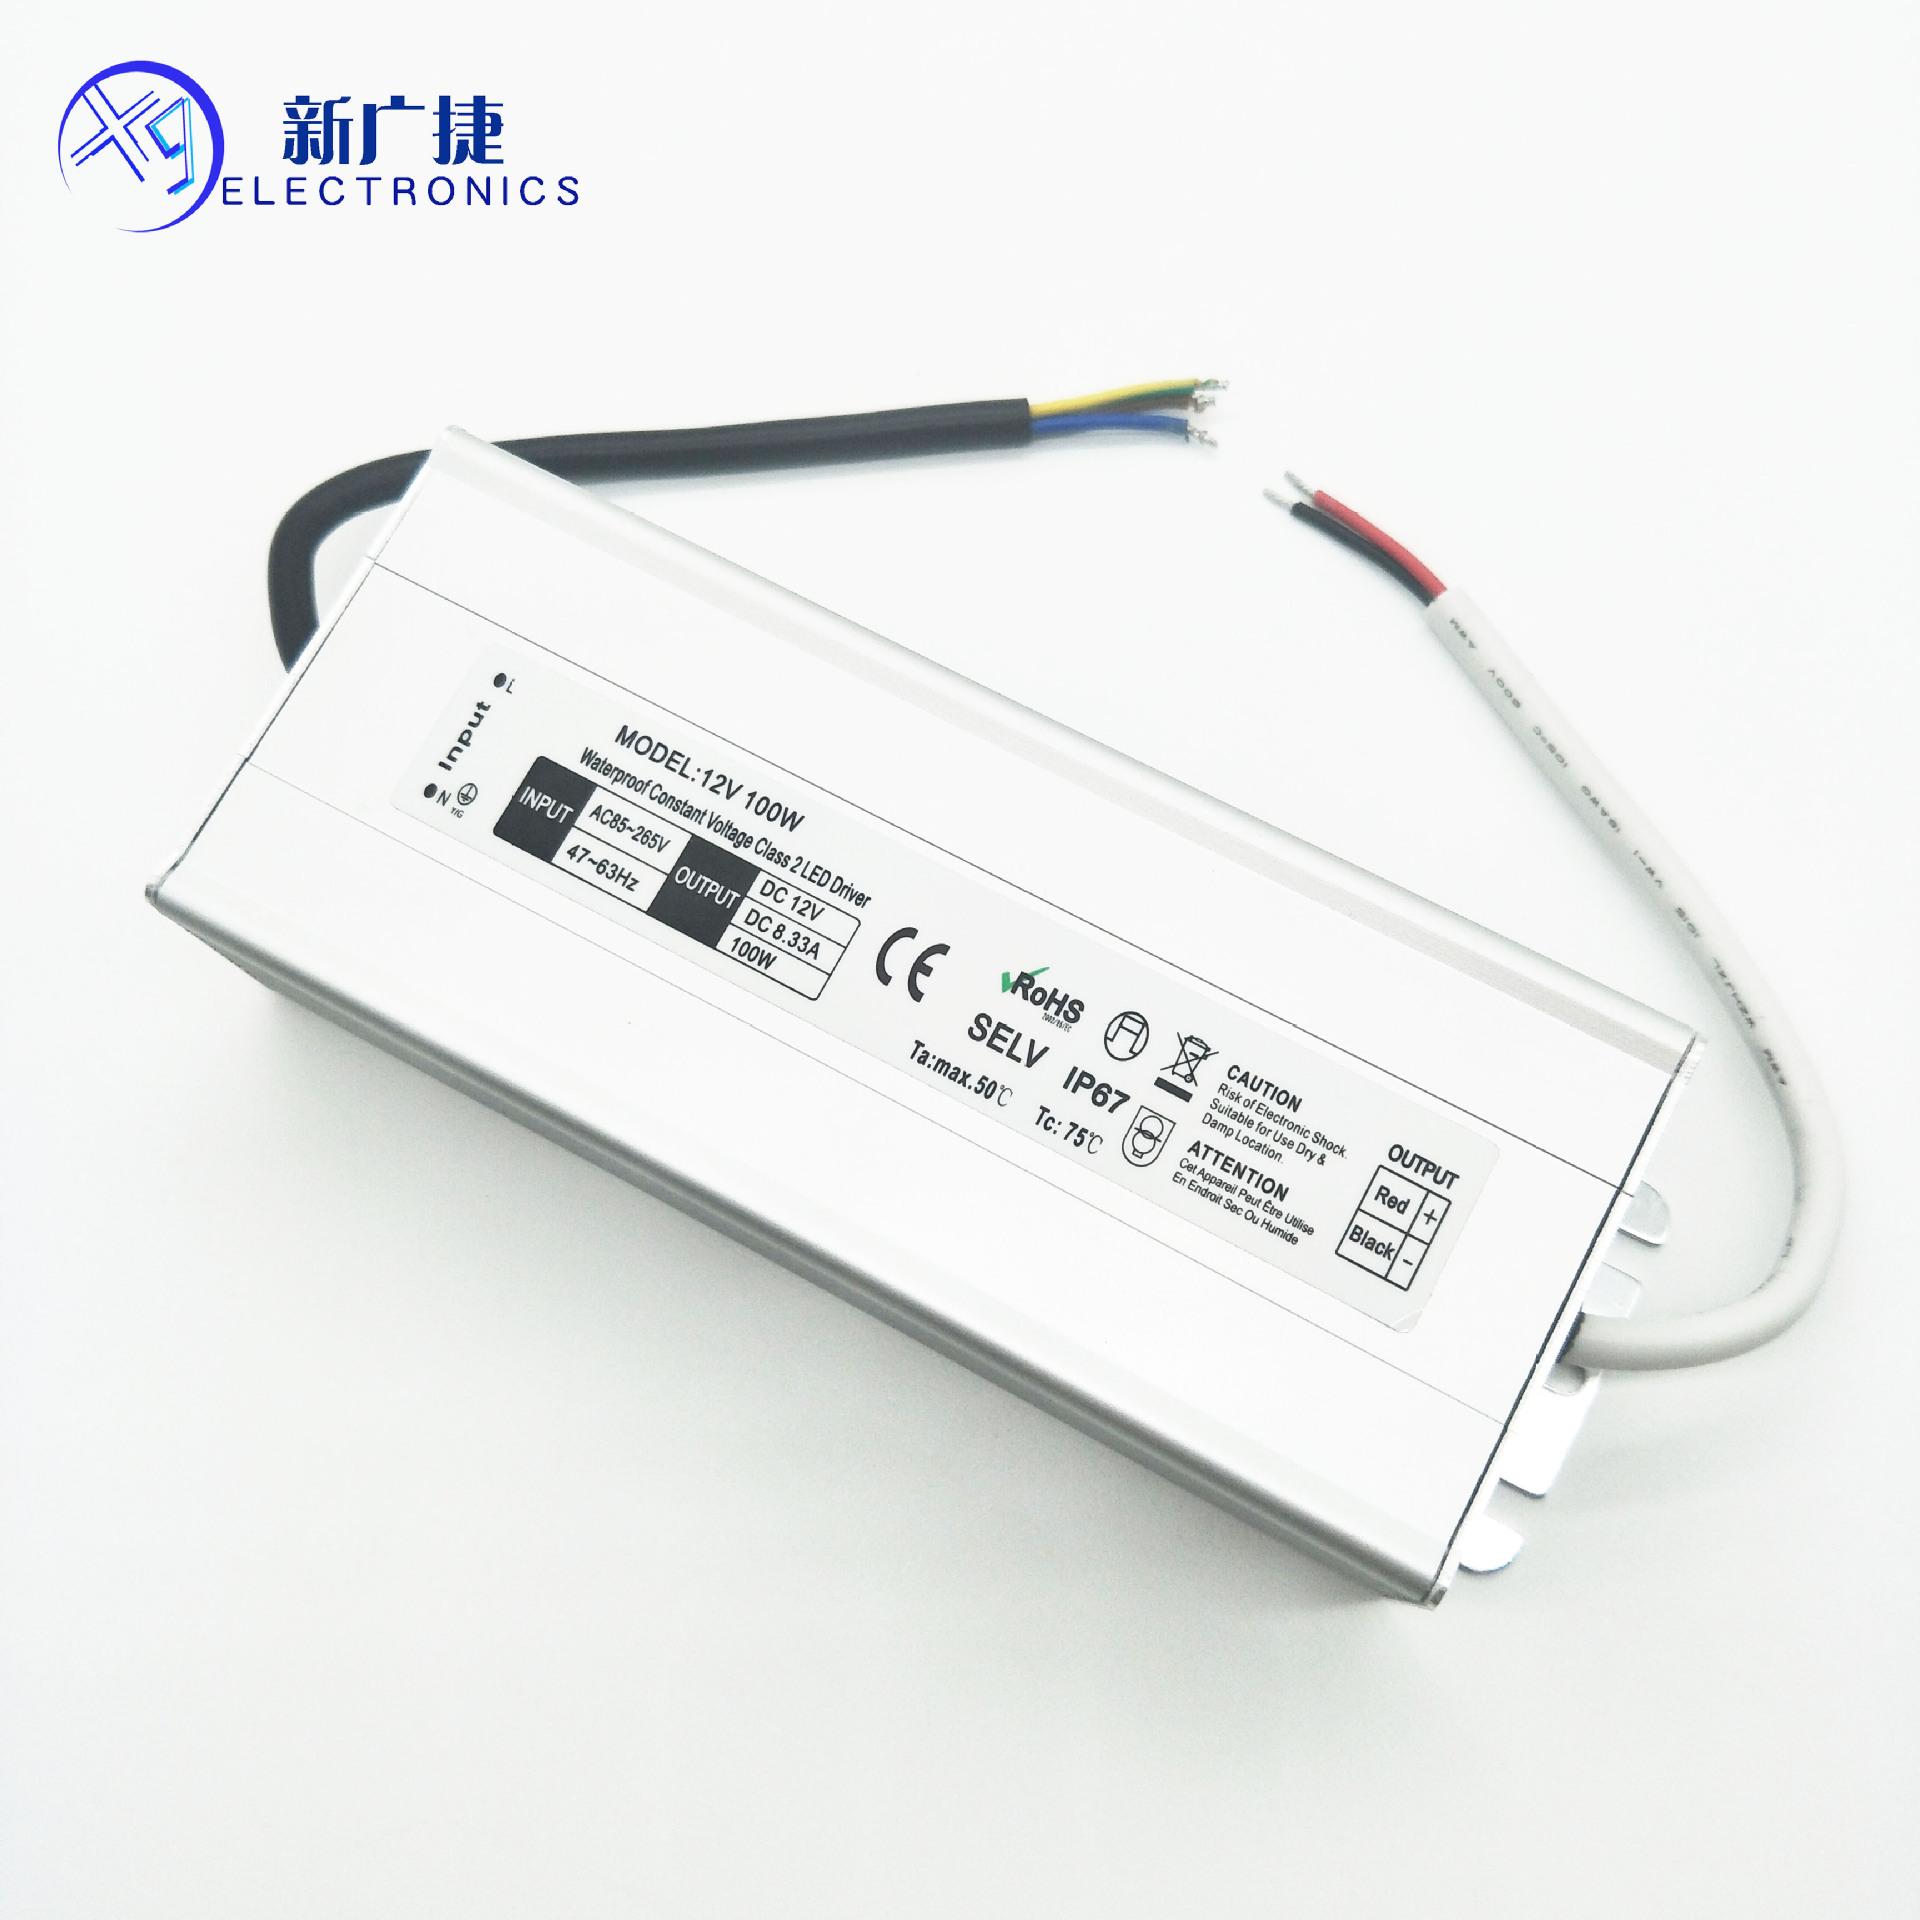 XINGUANGJIE Bộ nguồn cho đèn LED Nguồn cung cấp LED chống nước 12V100W Ổ đĩa điện áp không đổi Đèn đ